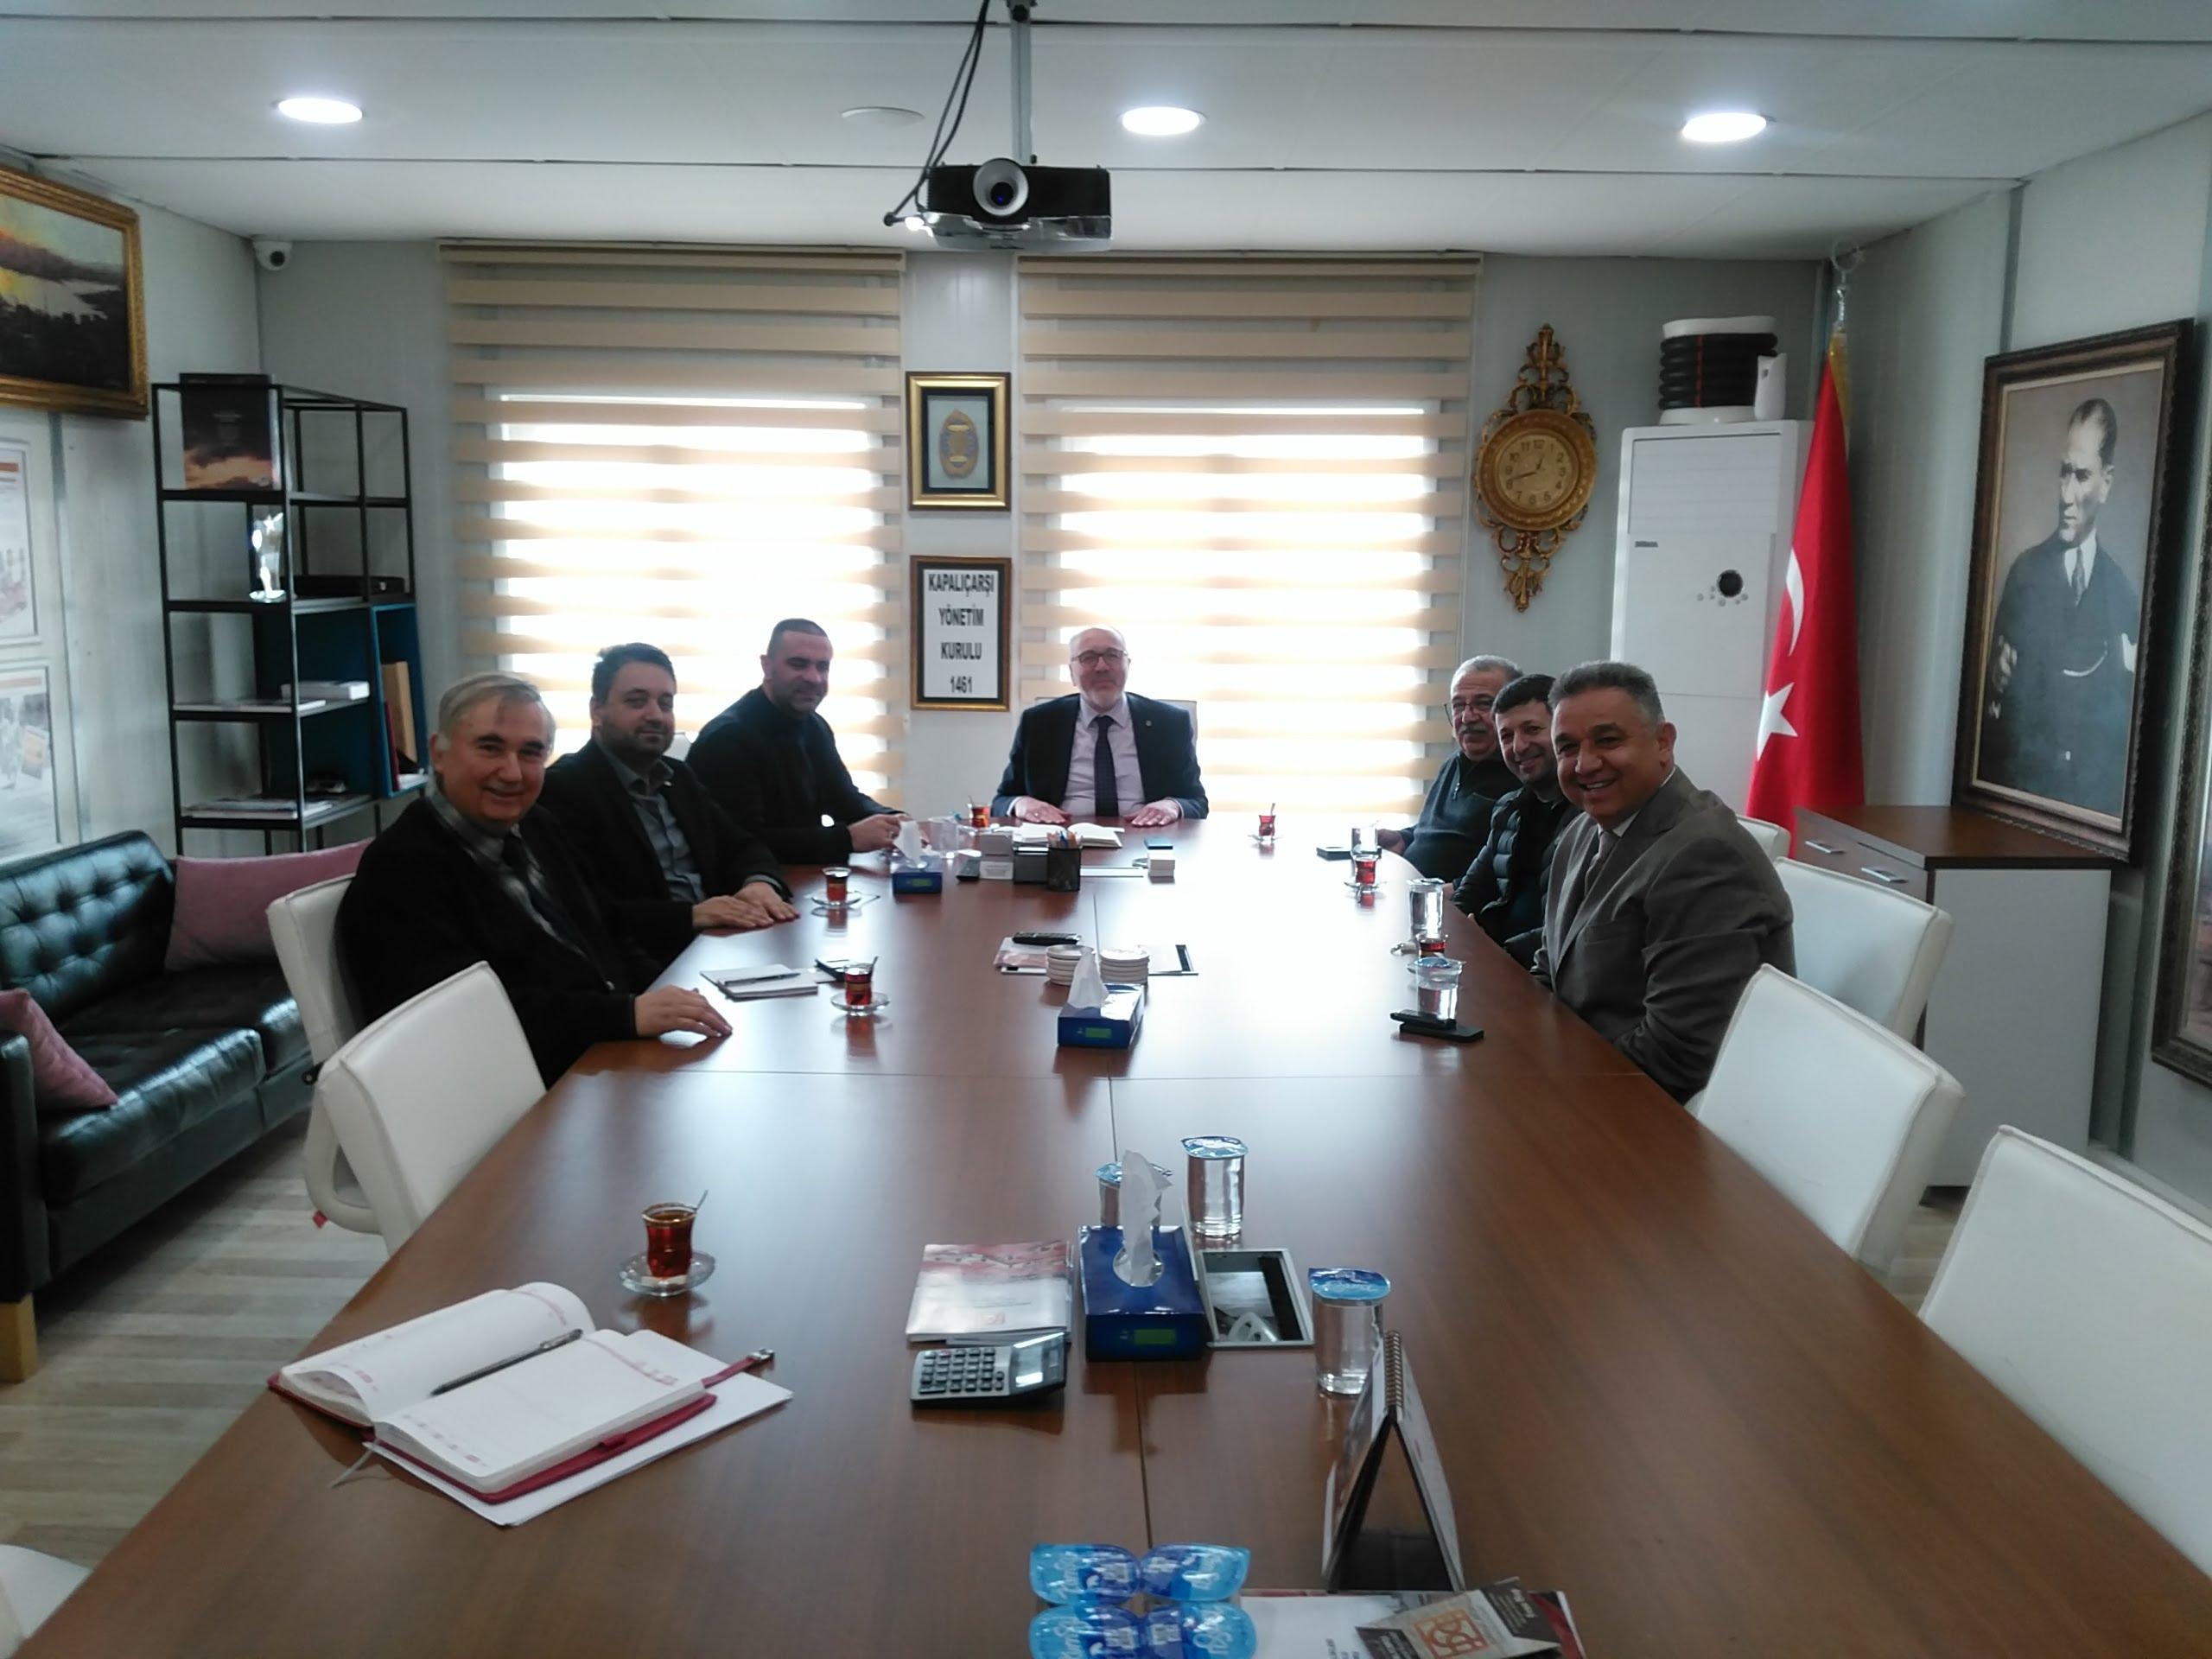 Kadıköy Tarihi Çarşı Derneği'nden Kapalı Çarşı Yönetim Kuruluna Ziyaret